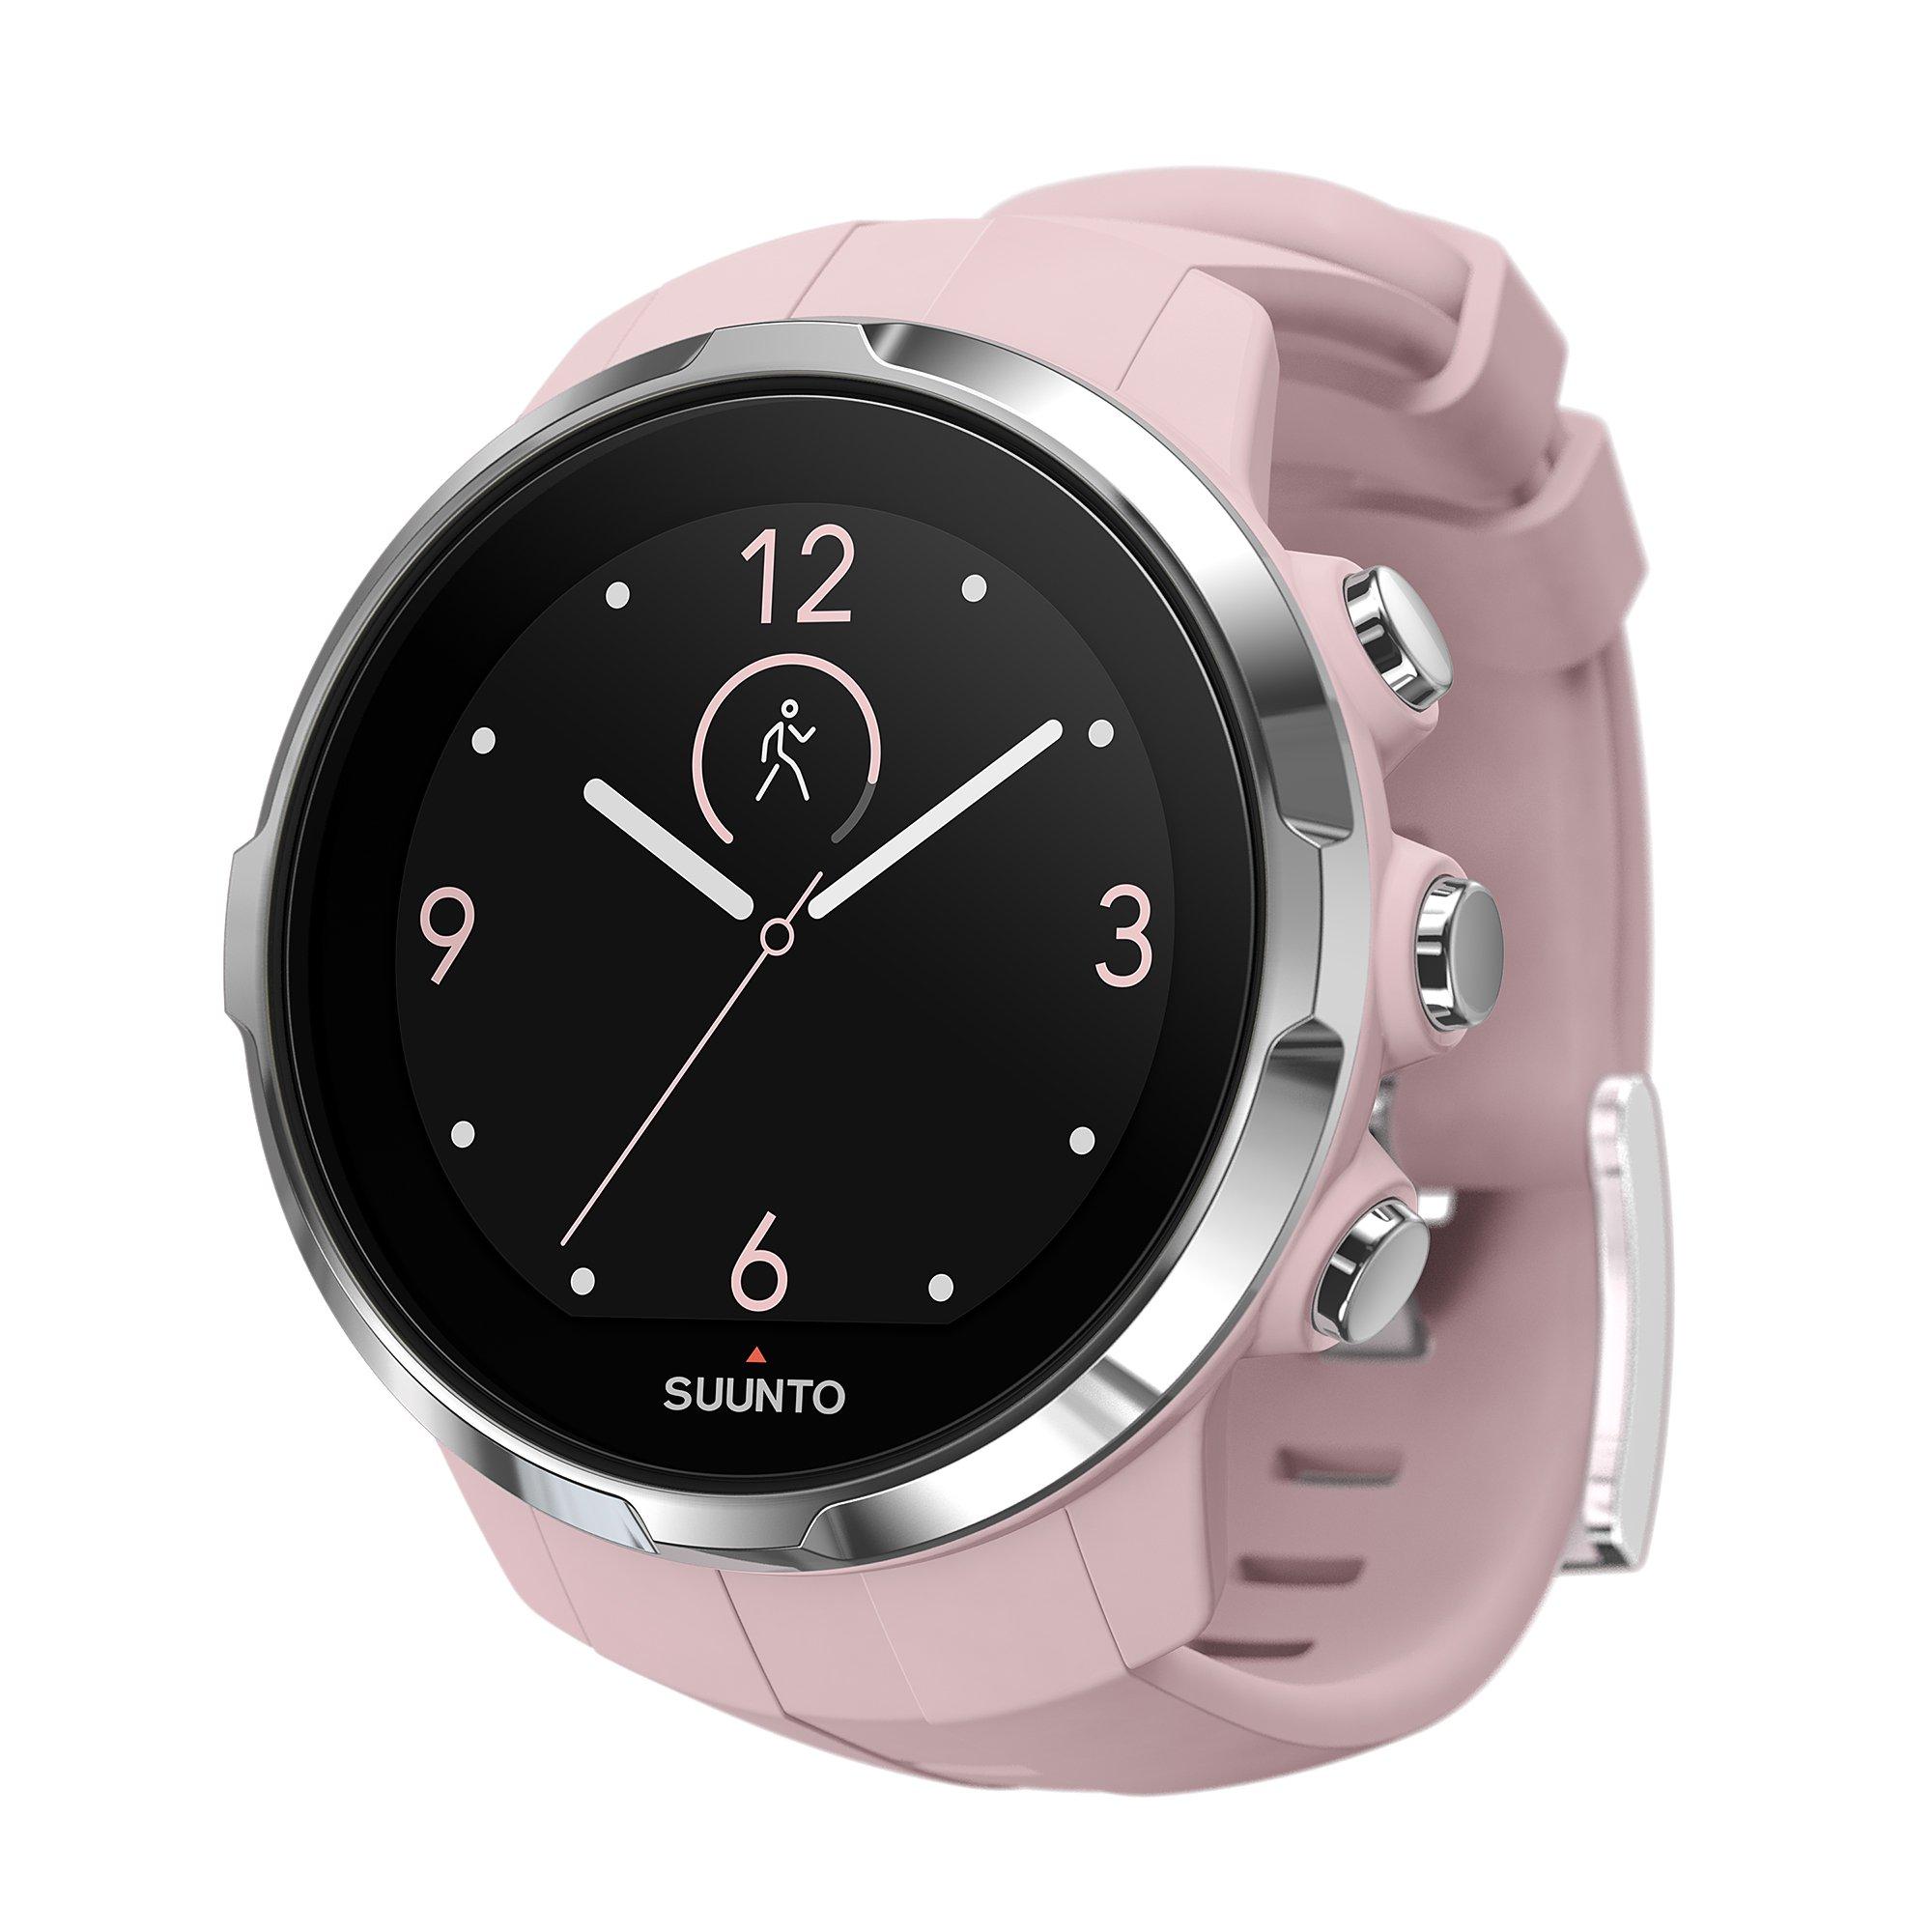 Suunto Spartan Sport Watch Pink, One Size by Suunto (Image #1)